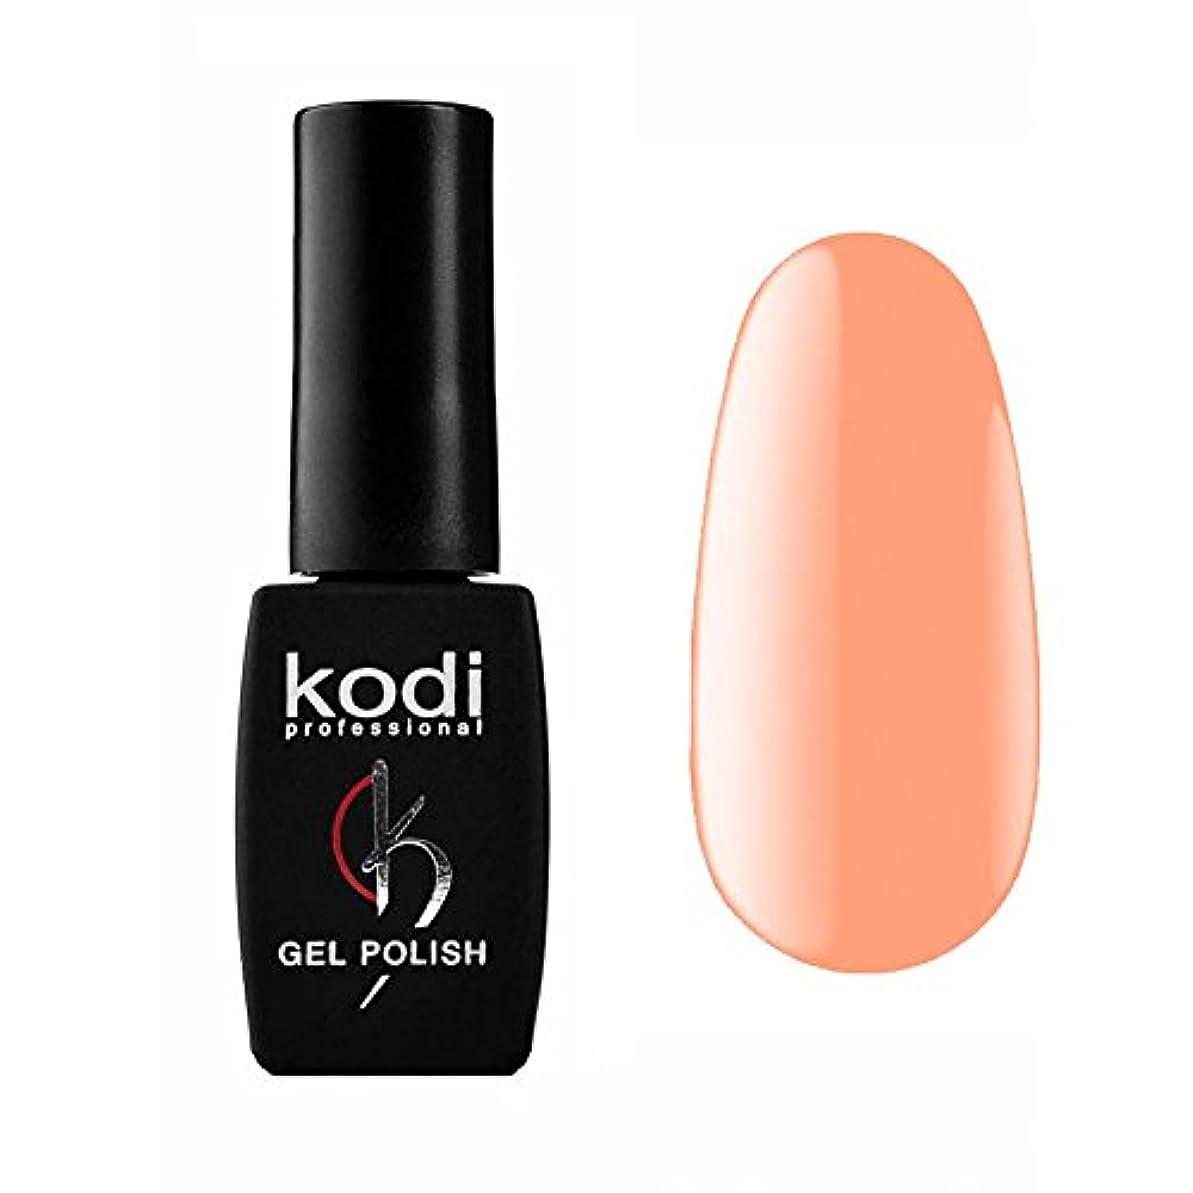 社説旅行者批評Kodi Professional New Collection BR BRIGT #100 Color Gel Nail Polish 12ml 0.42 Fl Oz LED UV Genuine Soak Off